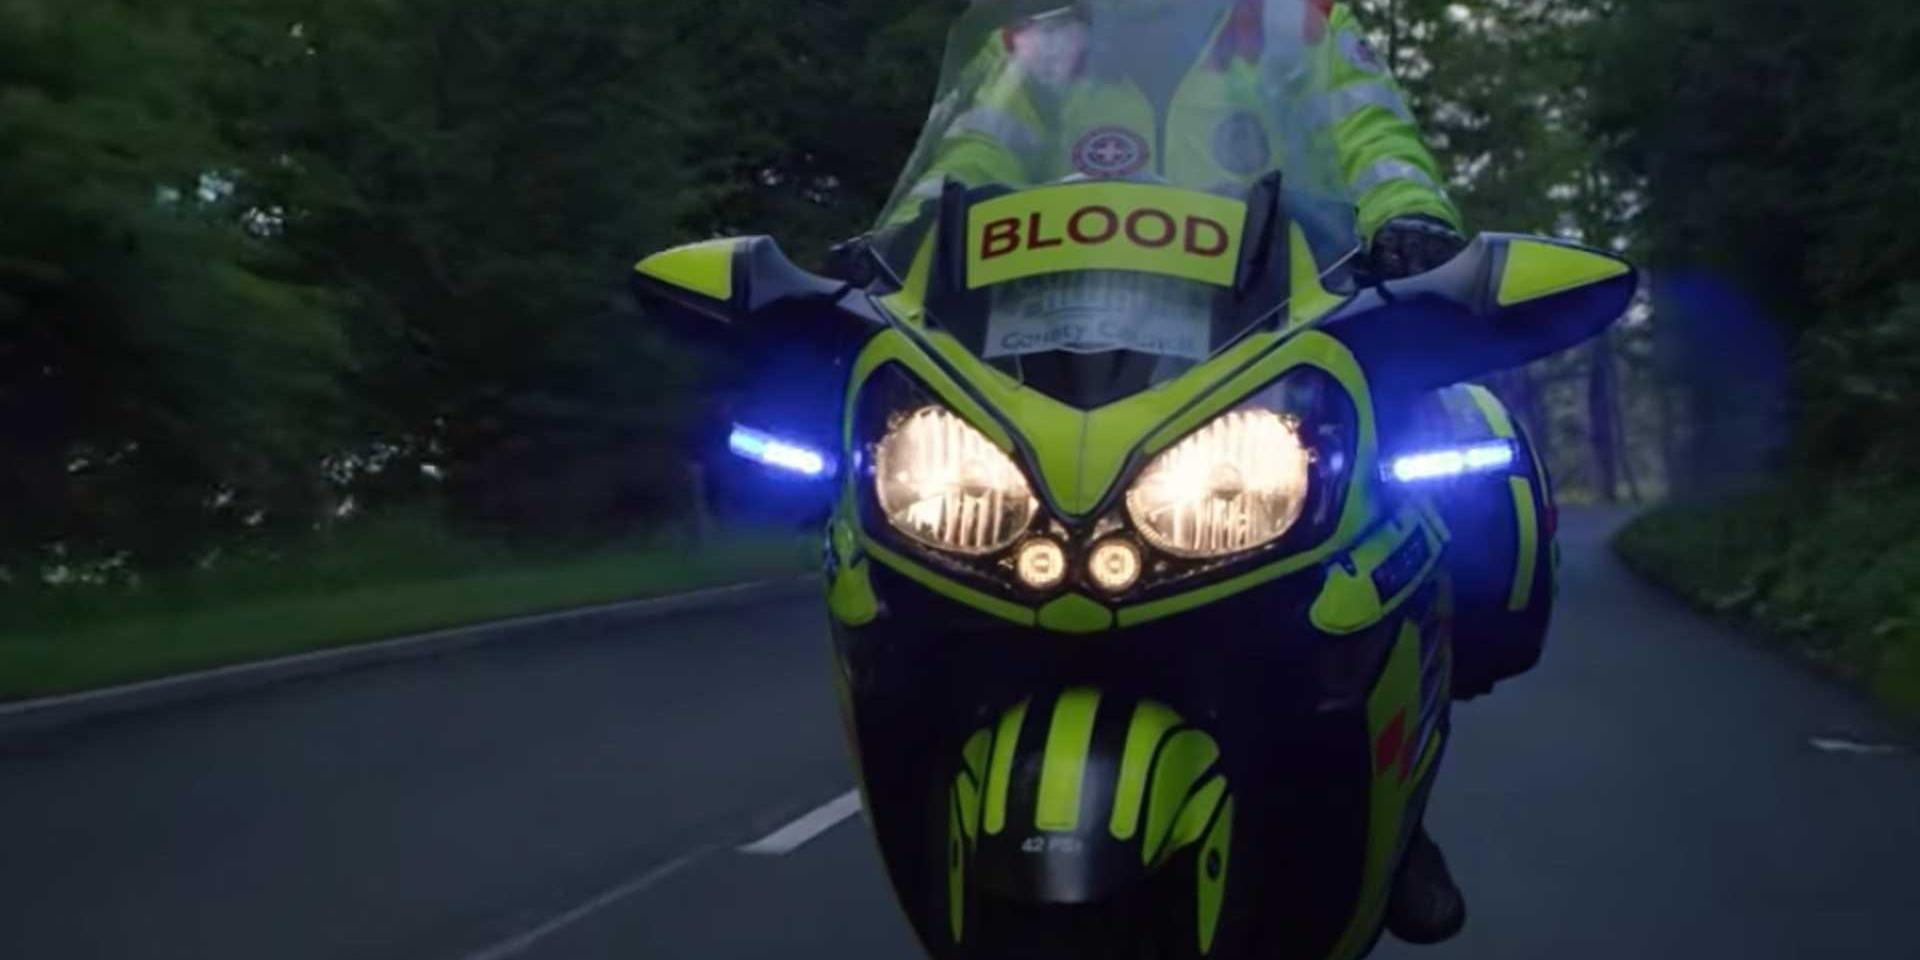 黃翼天使的救命之路!英國郡議會允許急救騎士隊使用公車道進行緊急救援